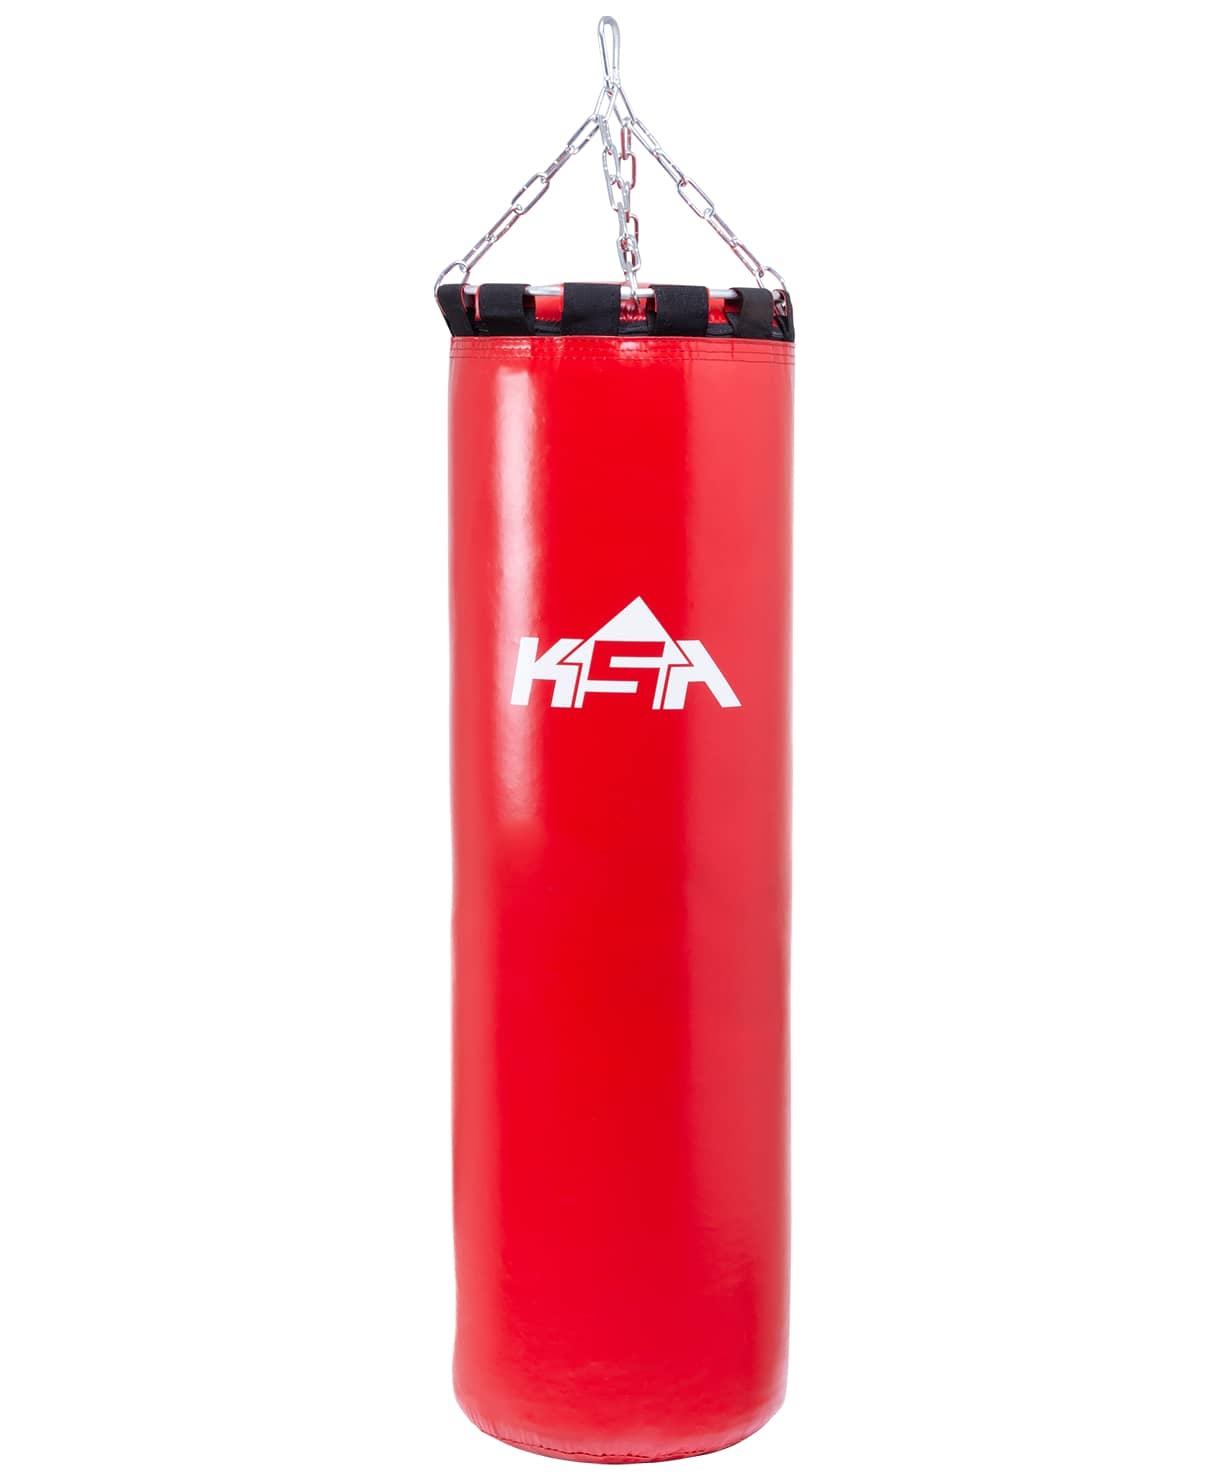 Мешок боксерский PB-01, 60 см, 15 кг, тент, красный